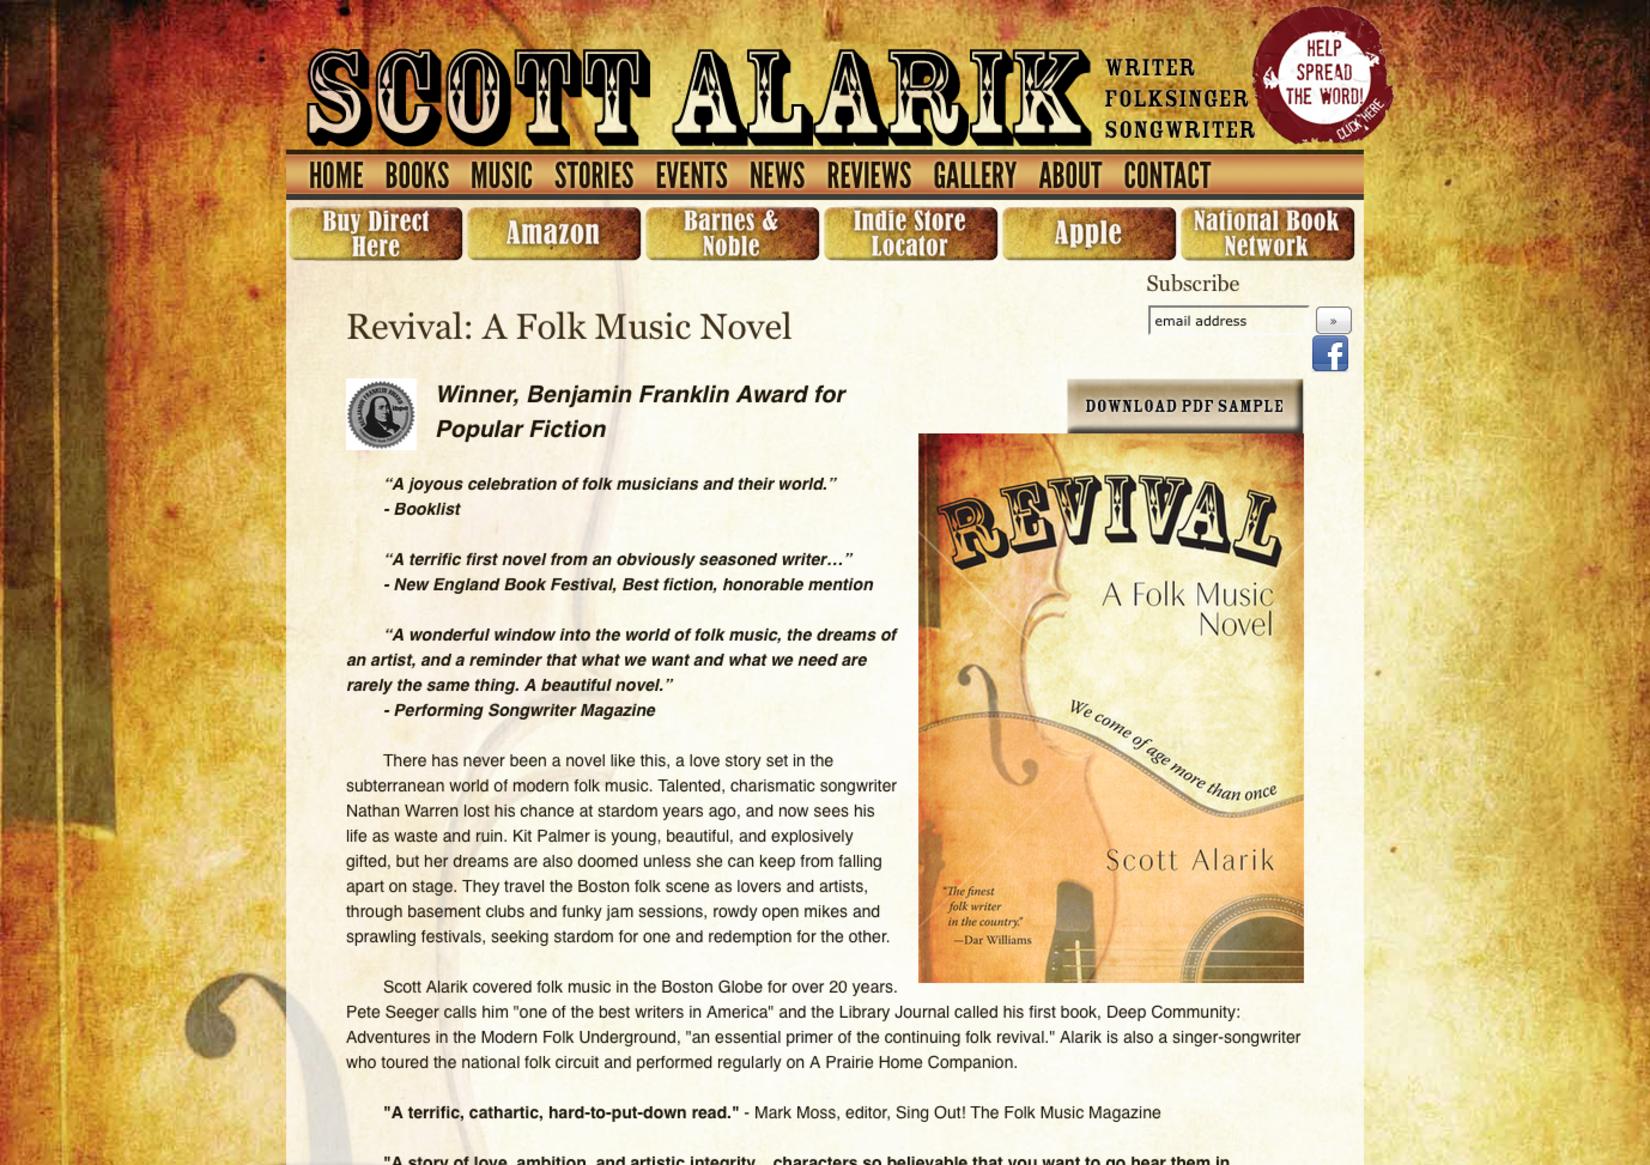 Scott Alarik, Writer